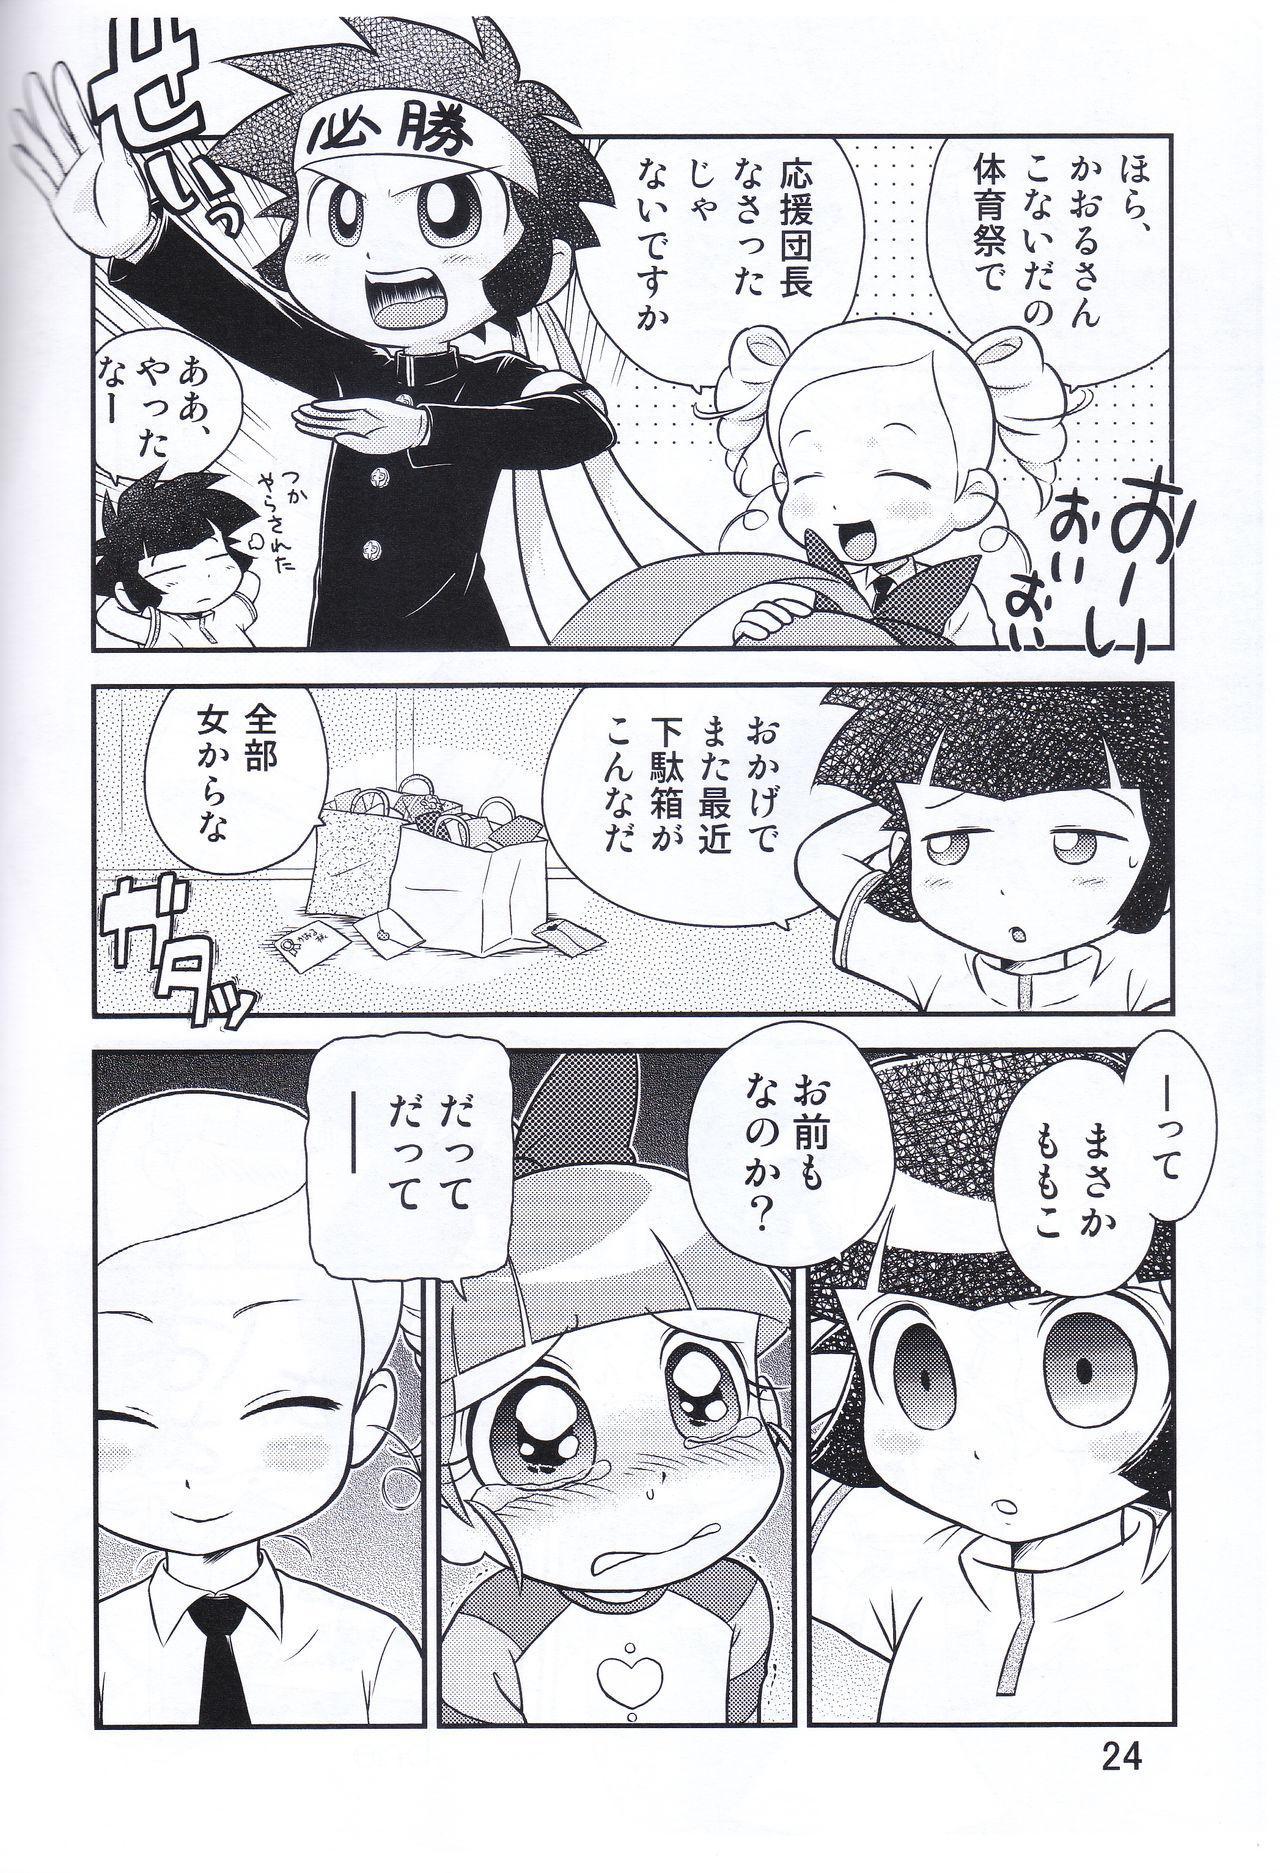 Juicy6 23